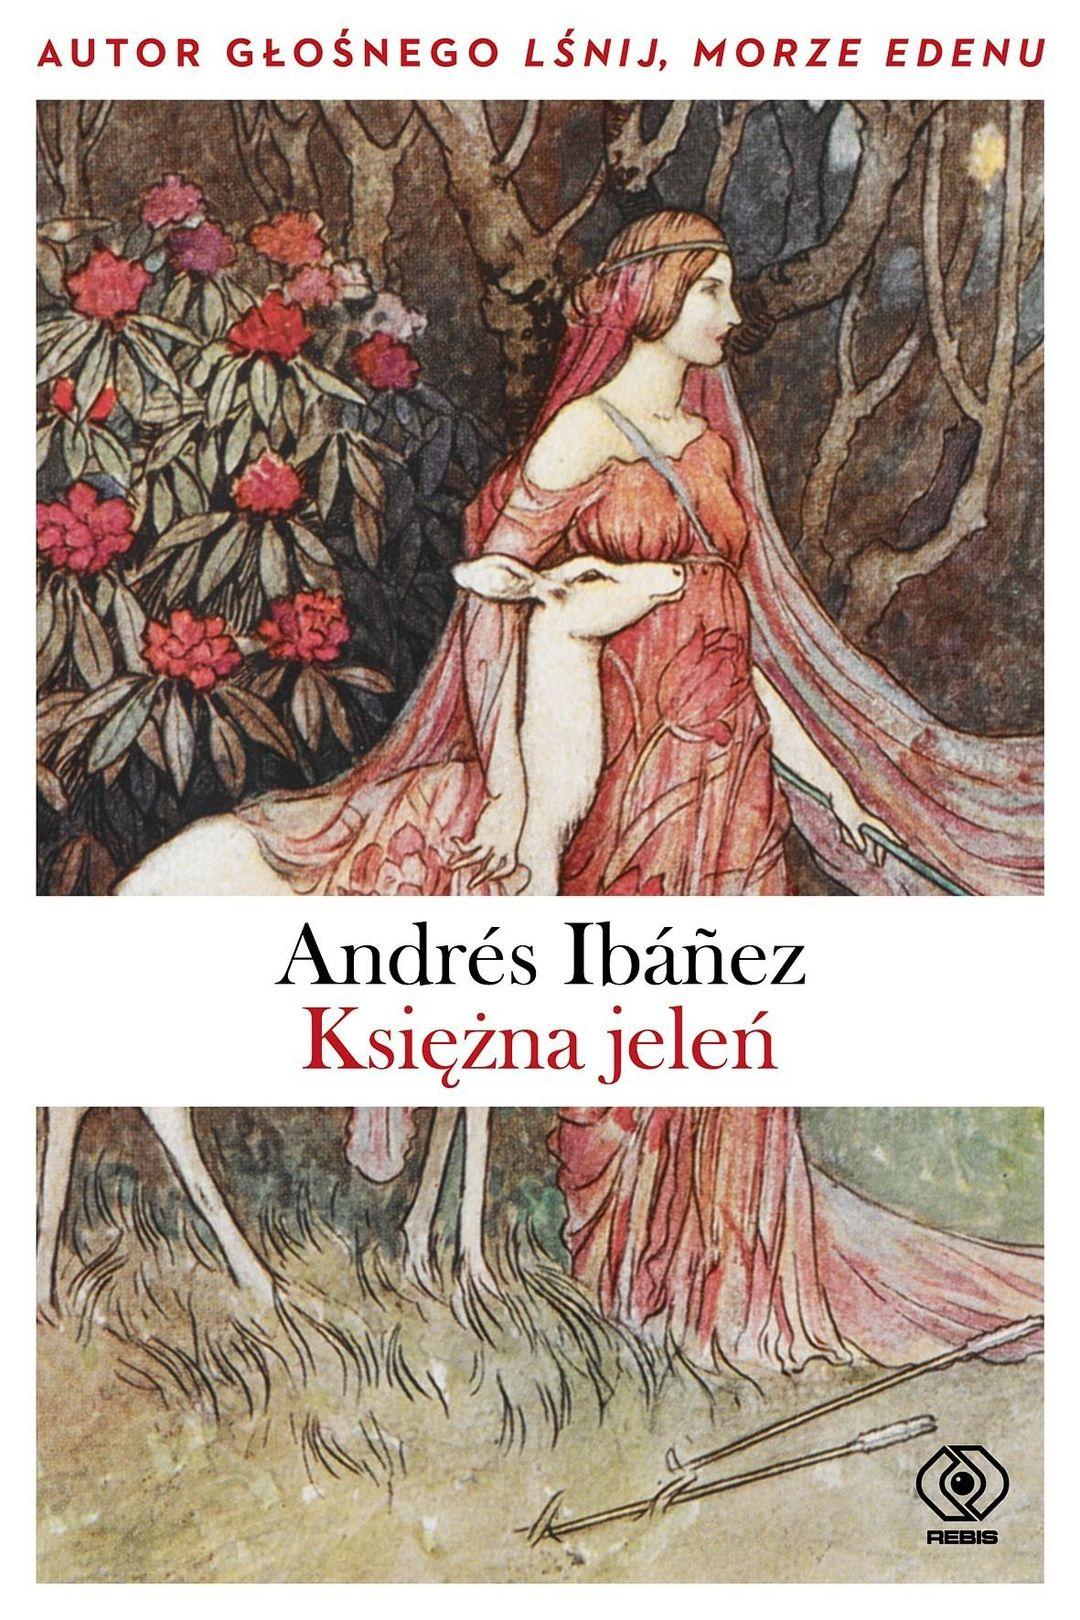 Ibanez Andres – Księżna Jeleń